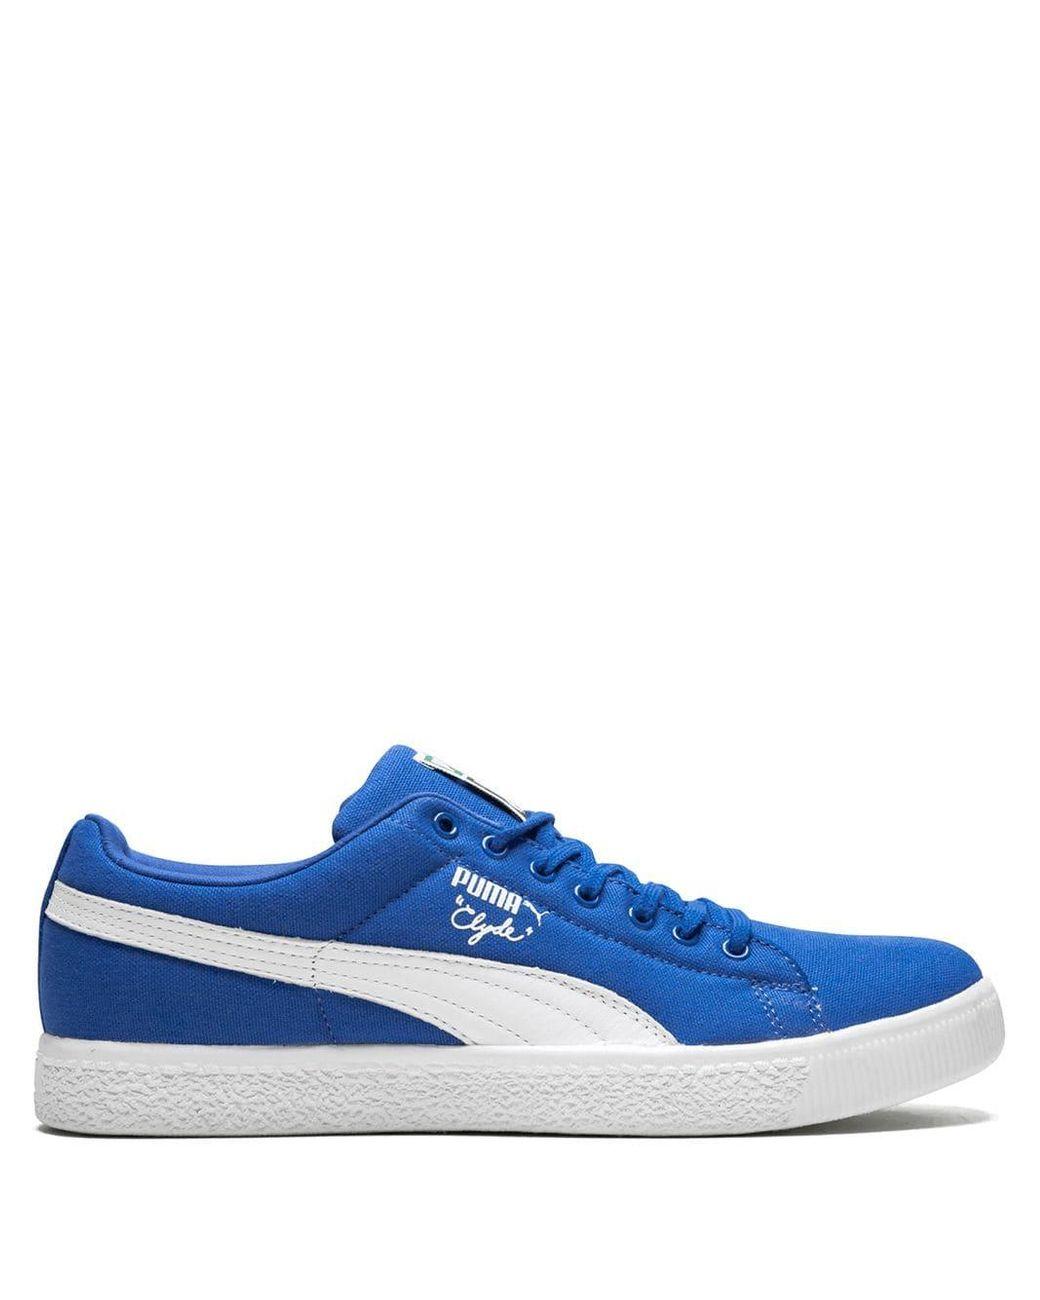 timeless design 8b0b1 49e9d Men's Blue Clyde X Undftd Sneakers